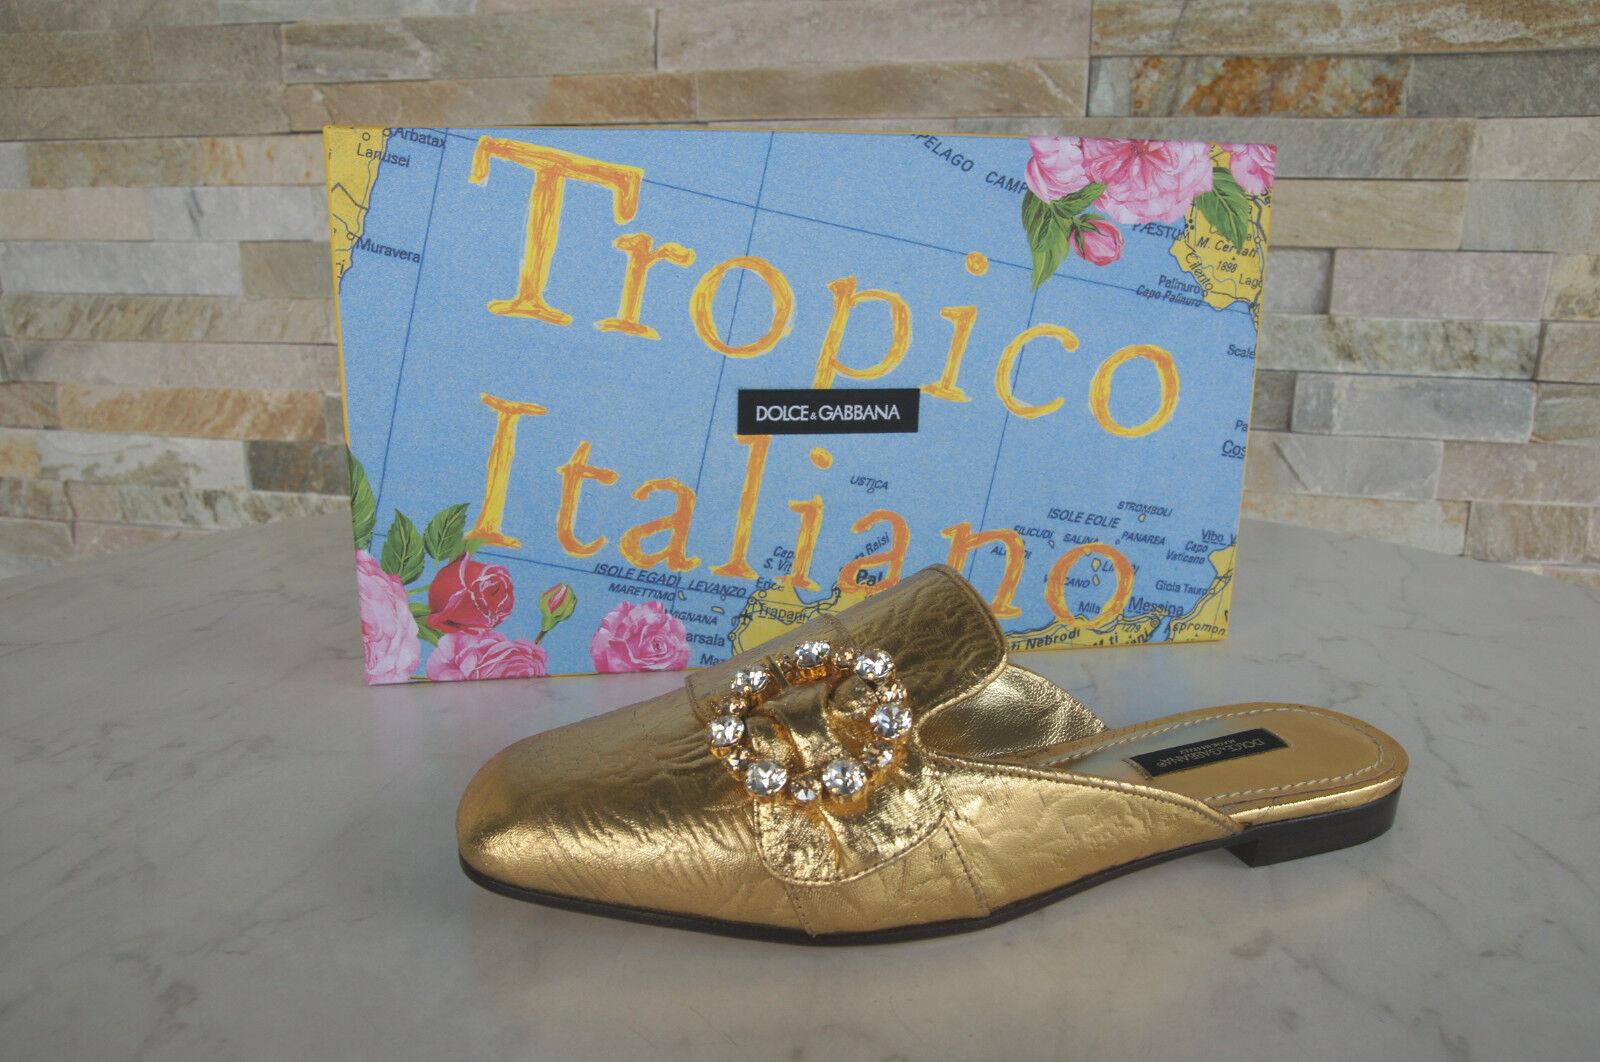 PRADA TAGLIA 38,5 Nero Sandali Sandals 3x6022 Scarpe Nero 38,5 velcro ROSA NUOVO UVP 799e6c